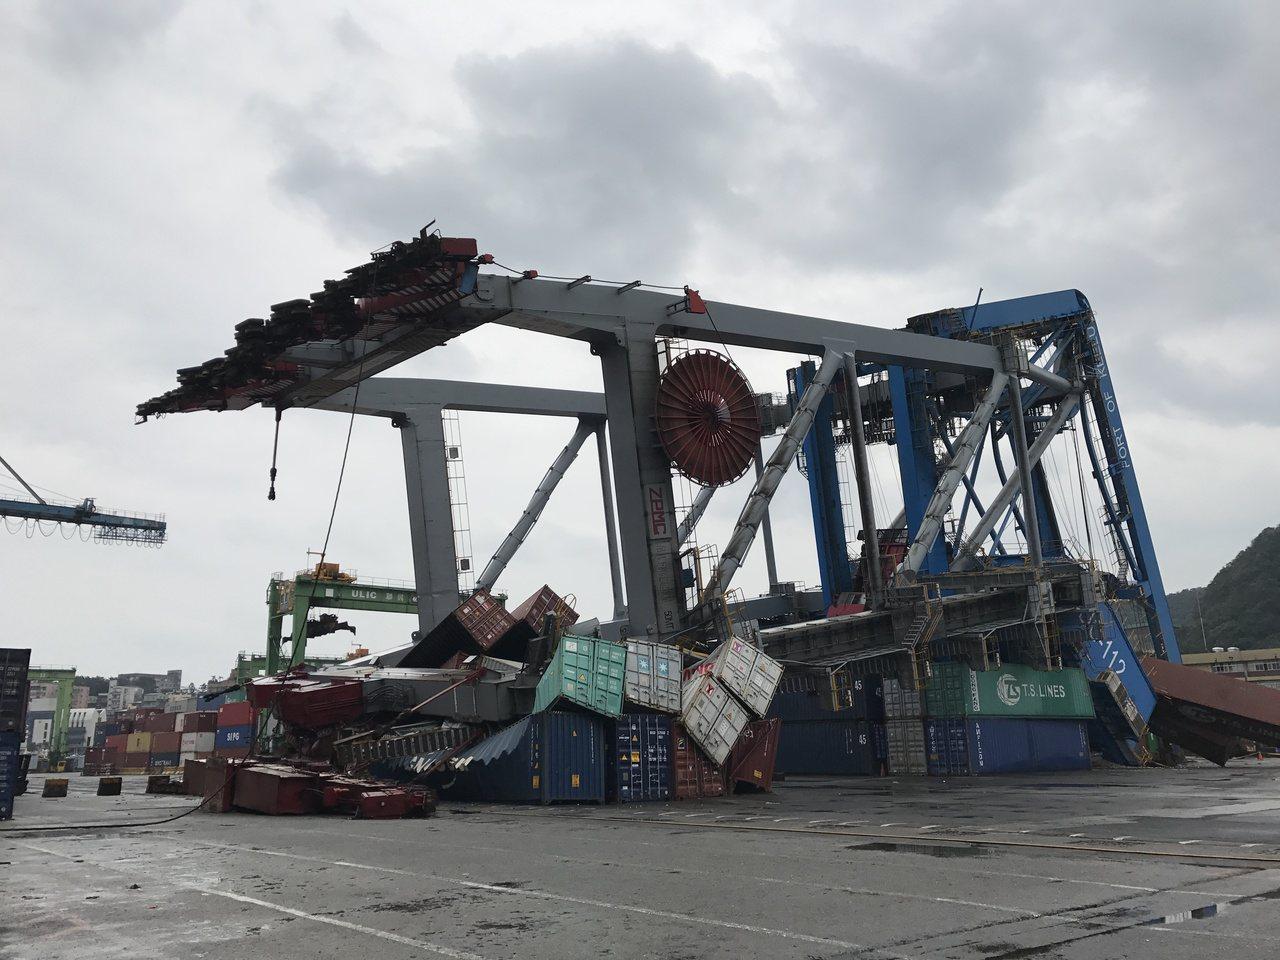 基隆港貨輪撞毀橋式機,苦主求償13億。記者吳淑君/攝影